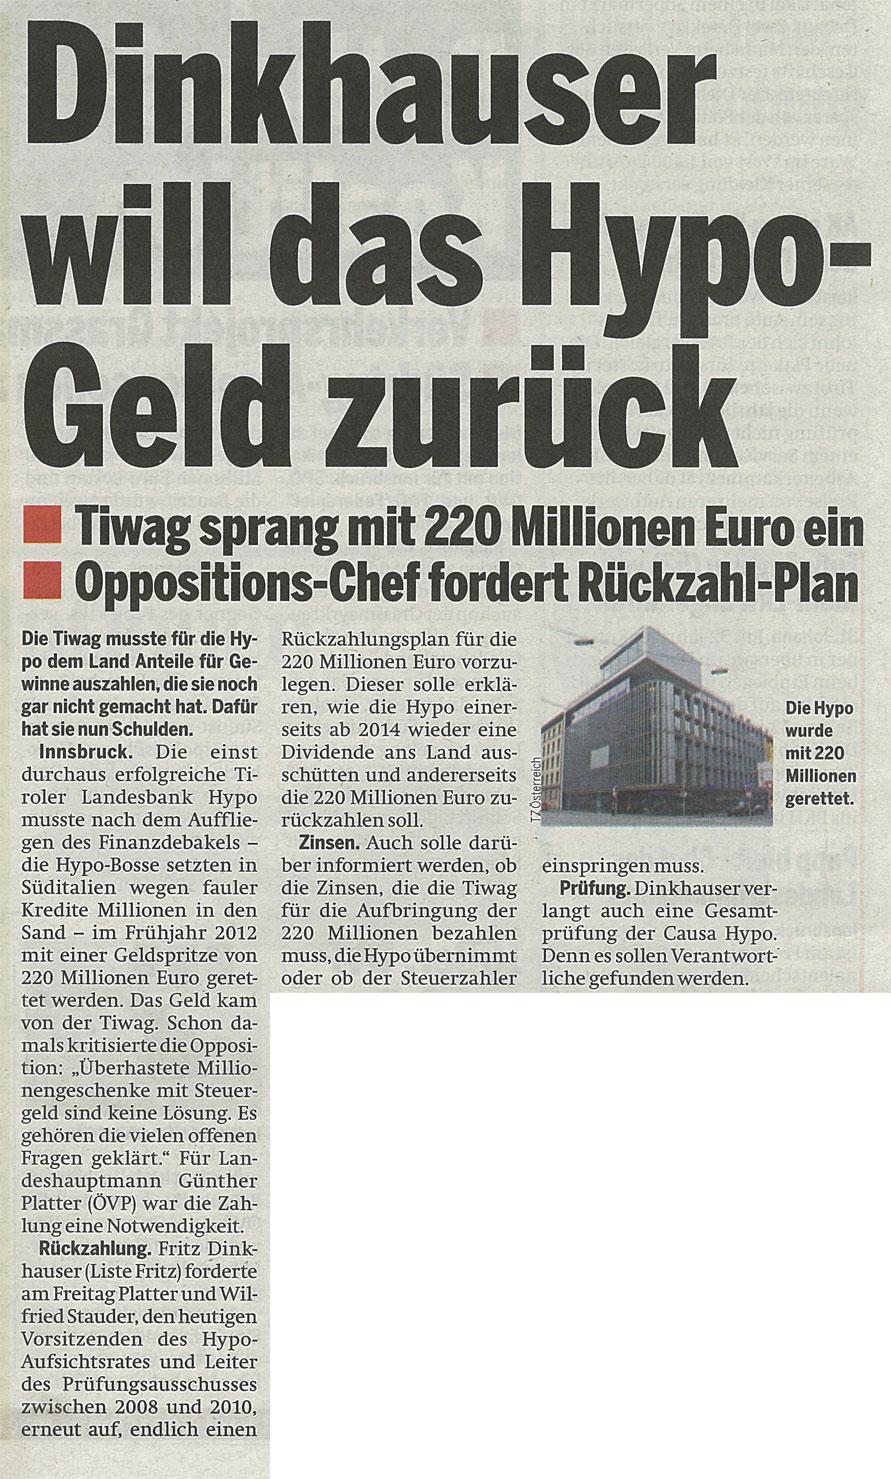 Bericht der Tageszeitung Österreich zur Hypo-Rettung